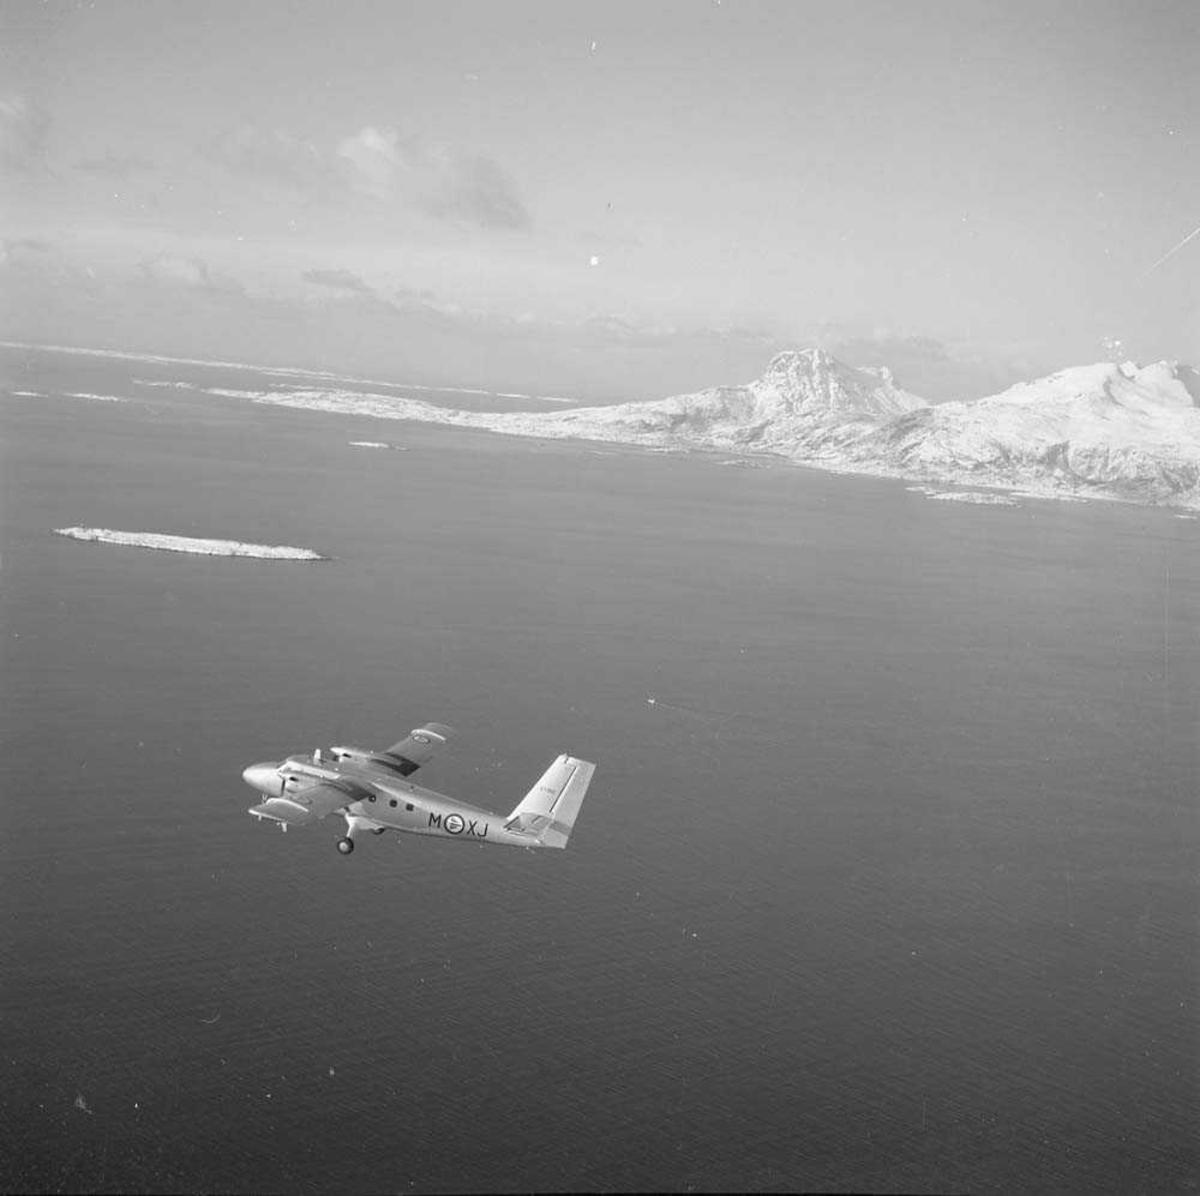 Twin Otter, kjennemerke XJ-M,  tail nr. 67 062, flyr i Bodø-området med Landegode i bakgrunnen. Flyet tilhørte 719 skvadron på Bodø flystasjon.